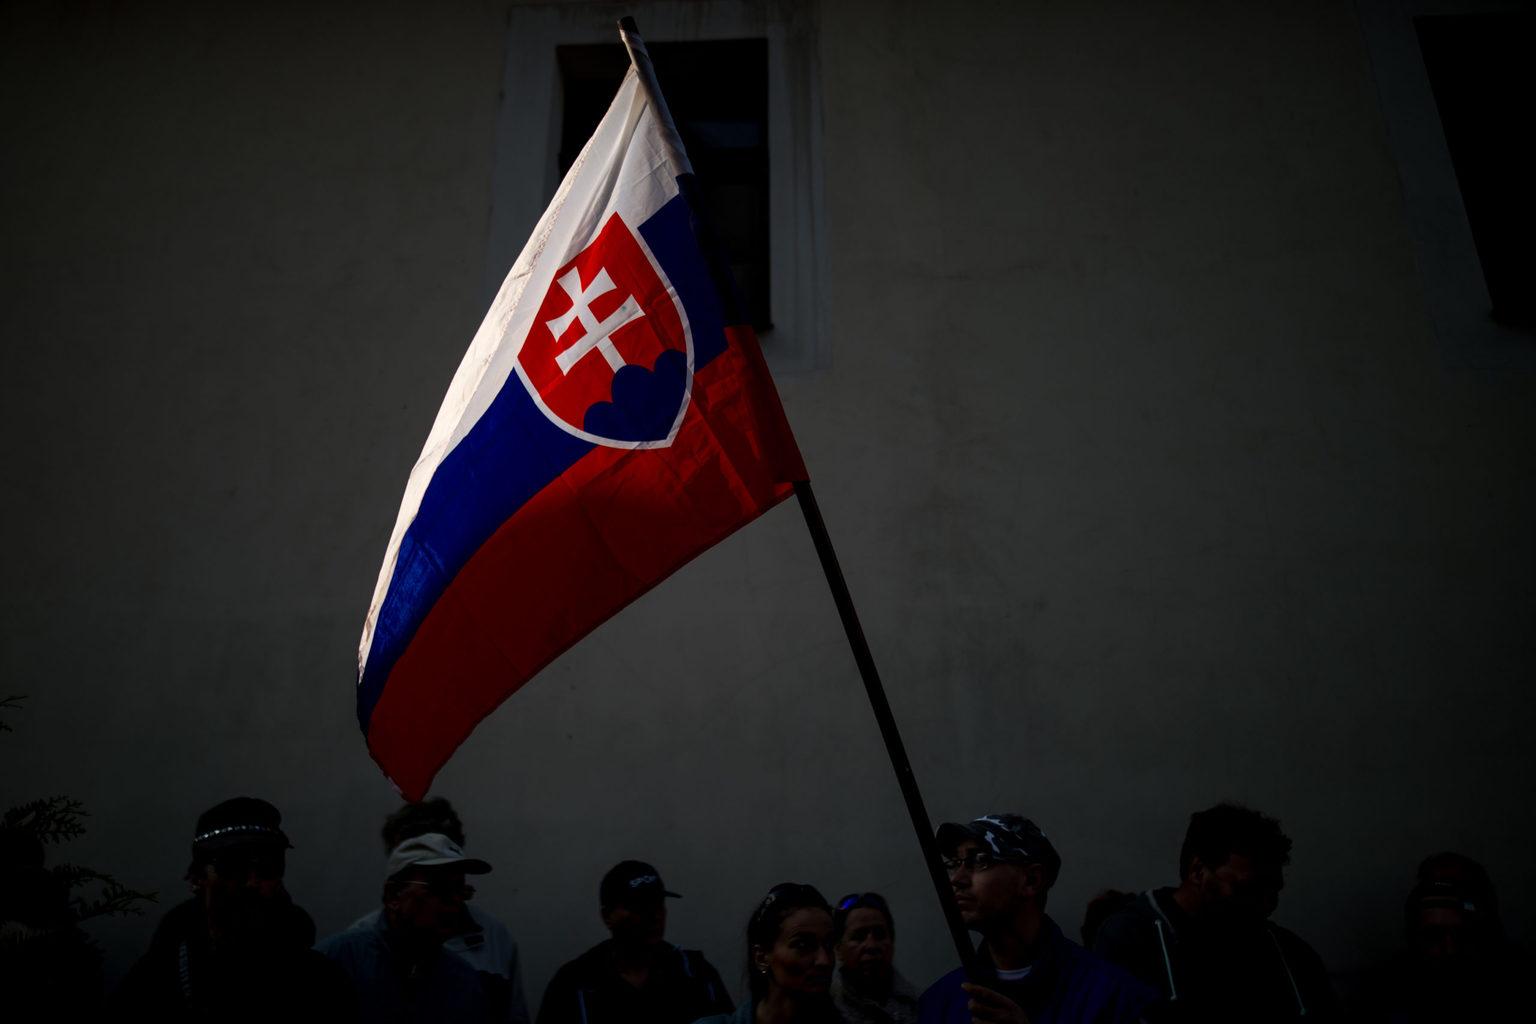 Szlovákia ragaszkodott az önállósághoz, mint a nemzeti önrendelkezés alapjához #moszkvater